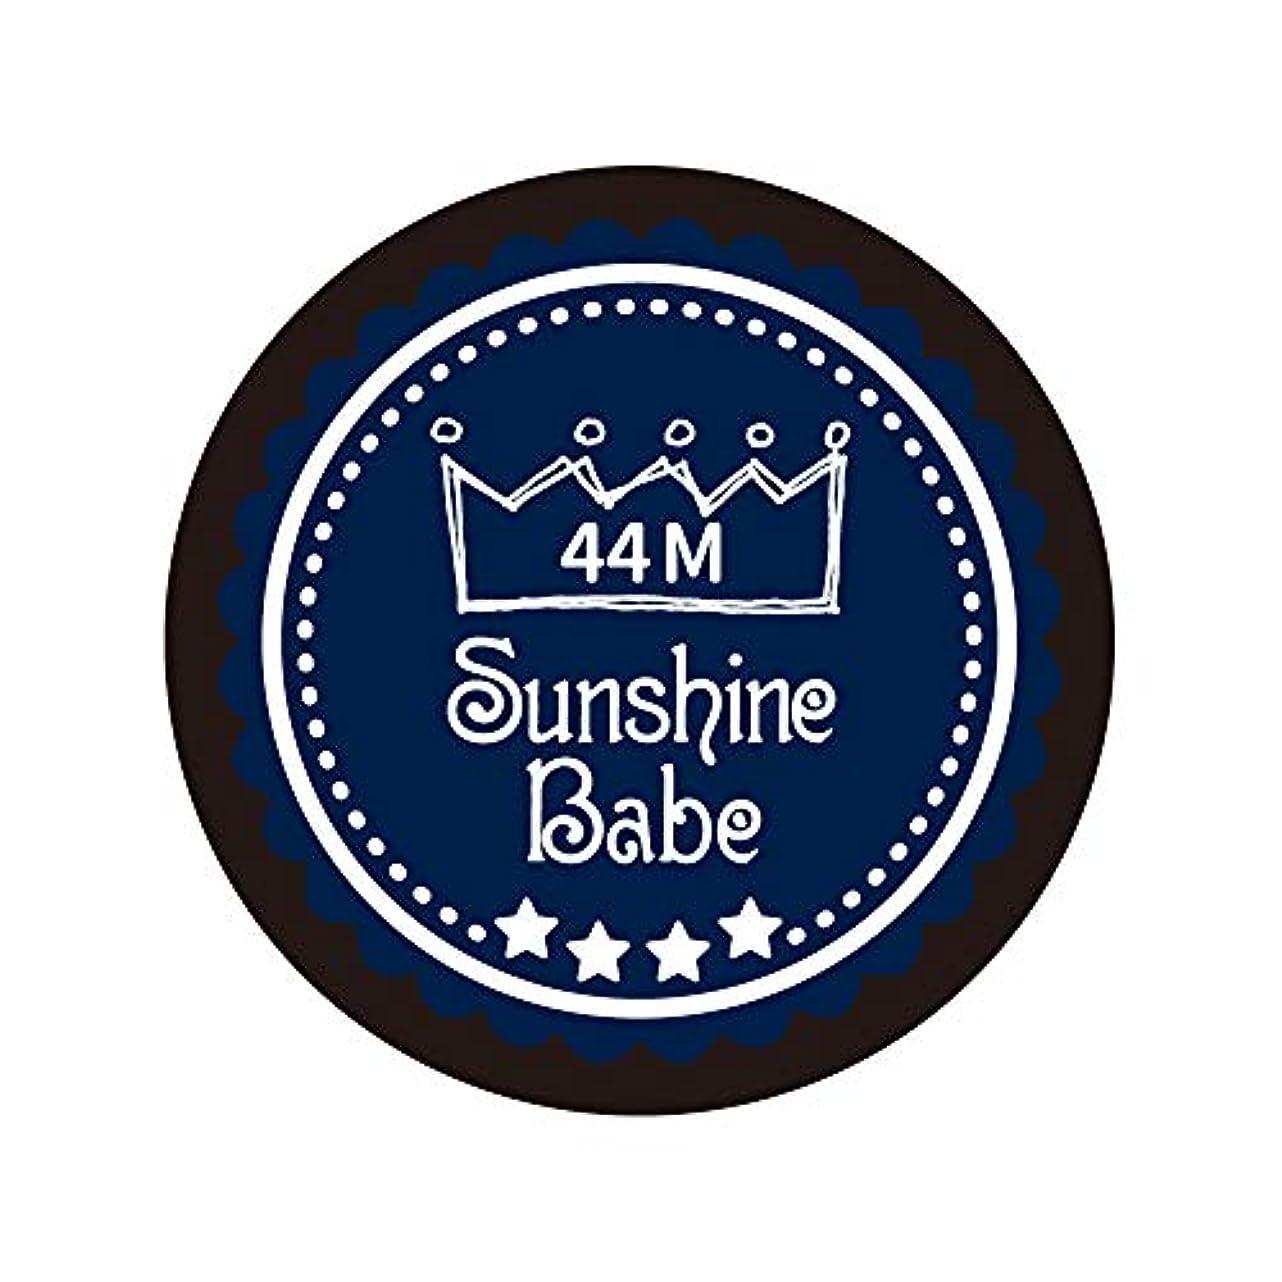 砂漠足華氏Sunshine Babe カラージェル 44M クラシックネイビー 4g UV/LED対応